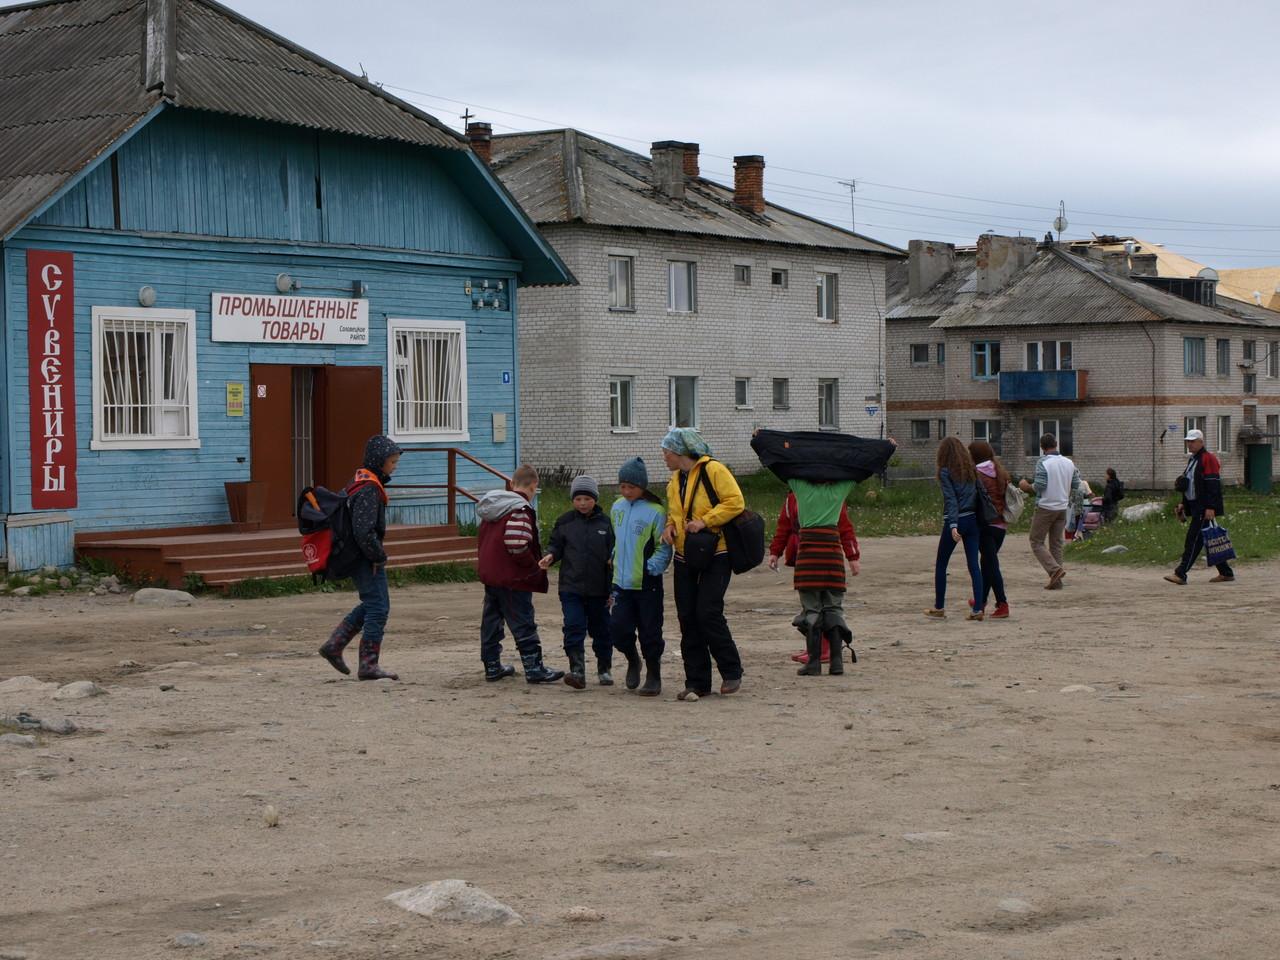 Der Dorfplatz belebt durch Menschen